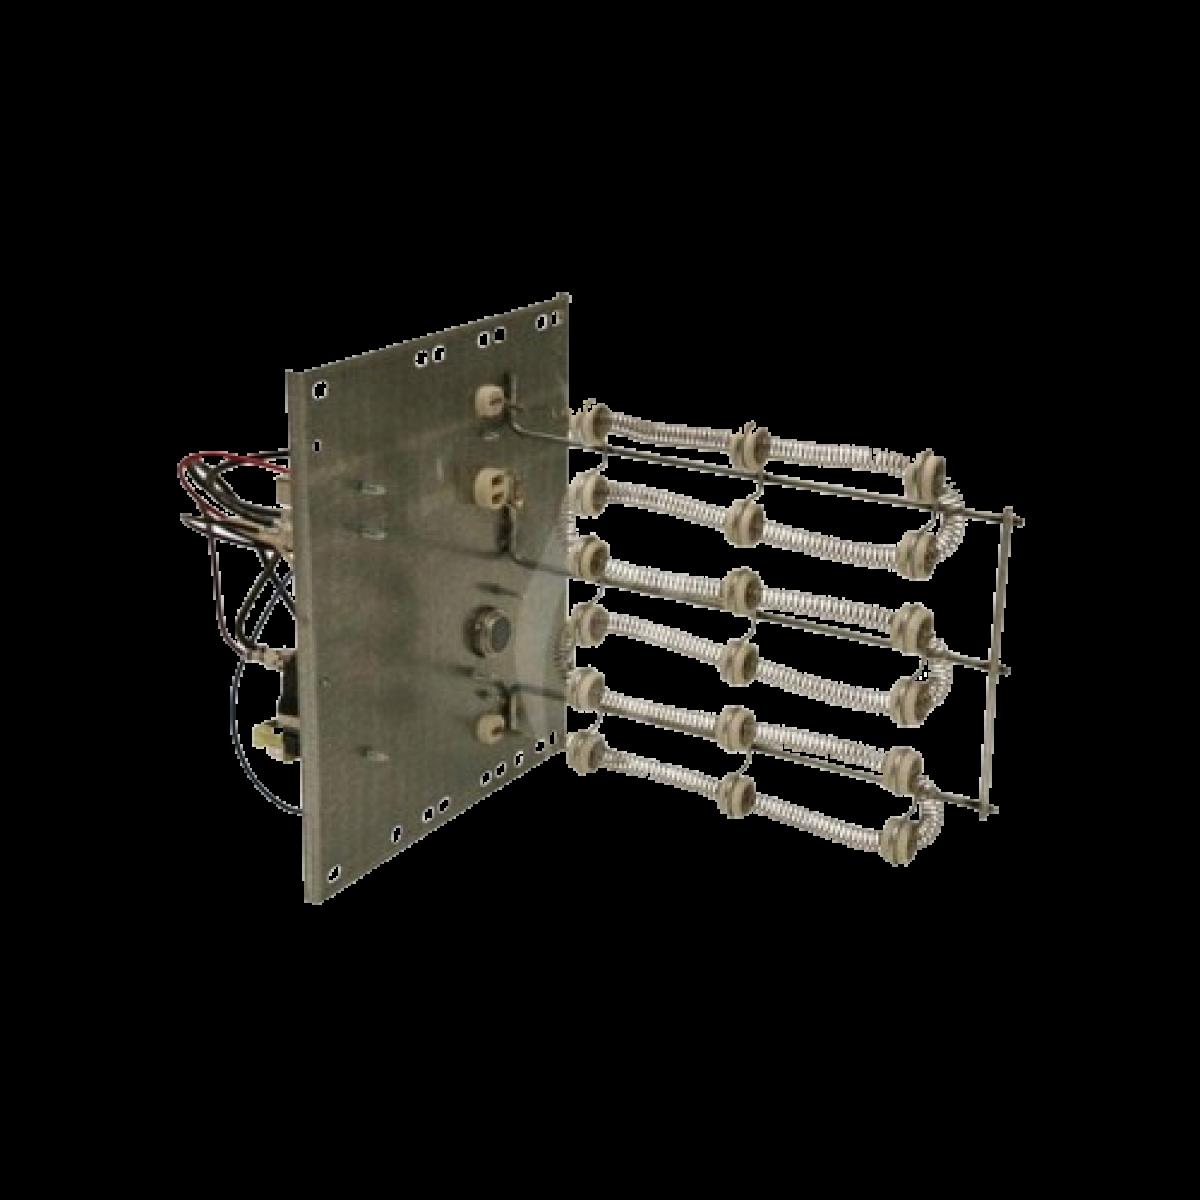 Rheem 15 Seer 3 5 Ton Heat Pump System 3 5 Ton 5 0 Ton